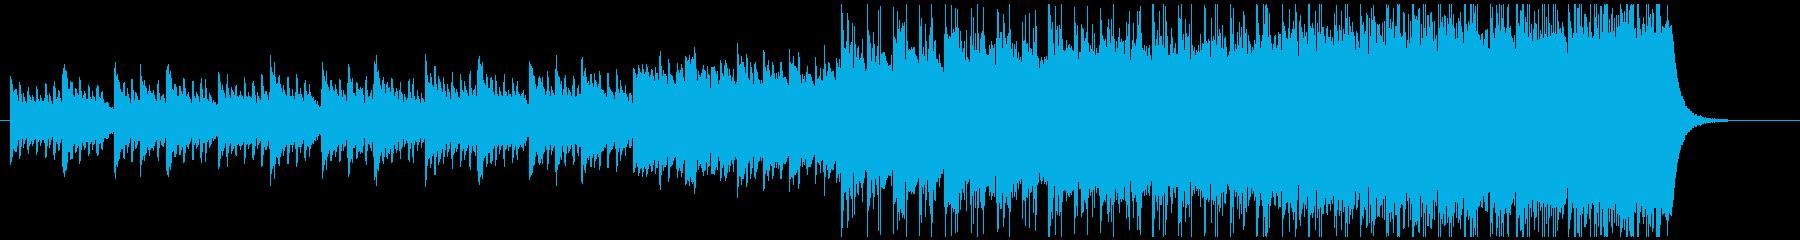 ピアノとエレクロサウンドの融合ポップスの再生済みの波形